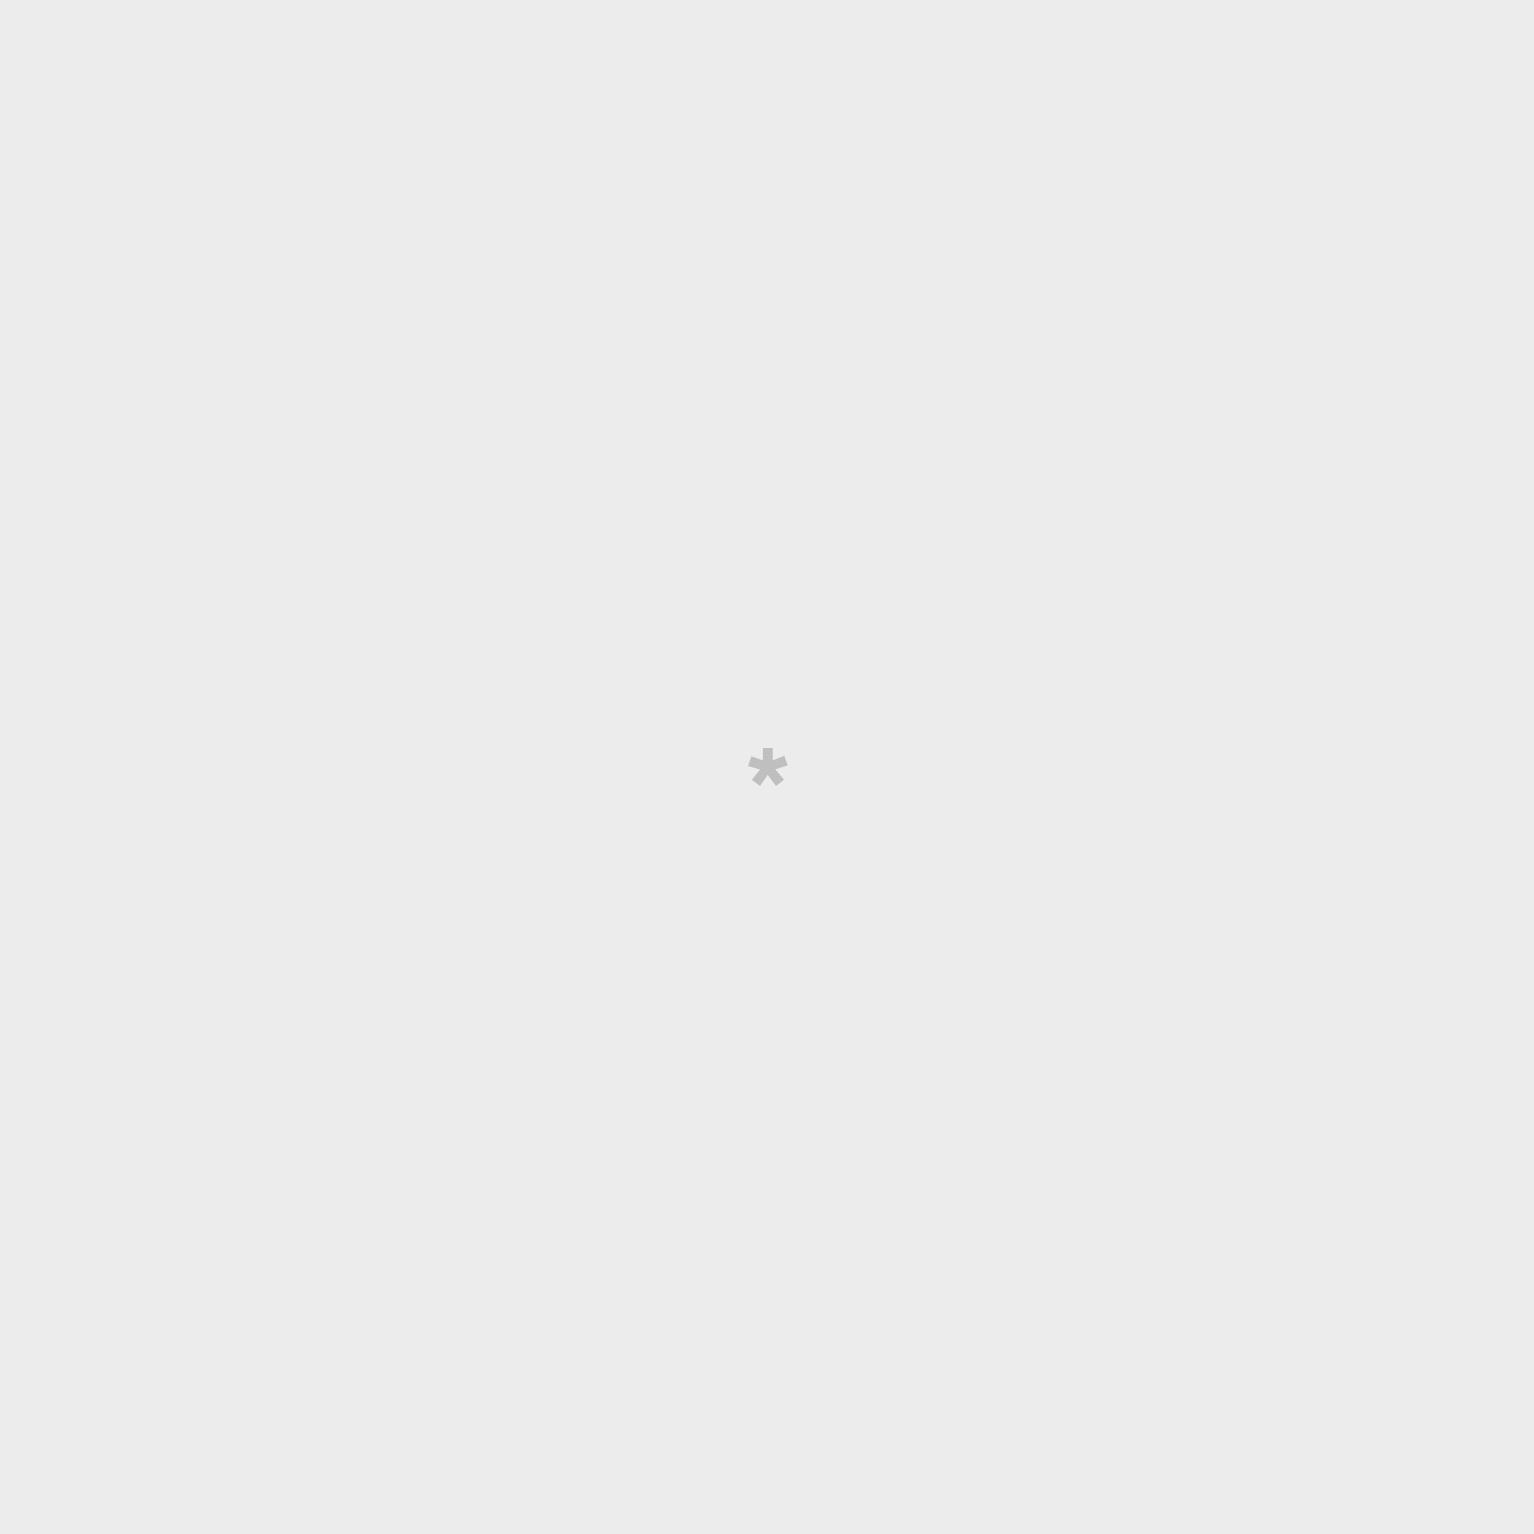 Verre à vin - Maman actuellement indisponible ou hors couverture réseau